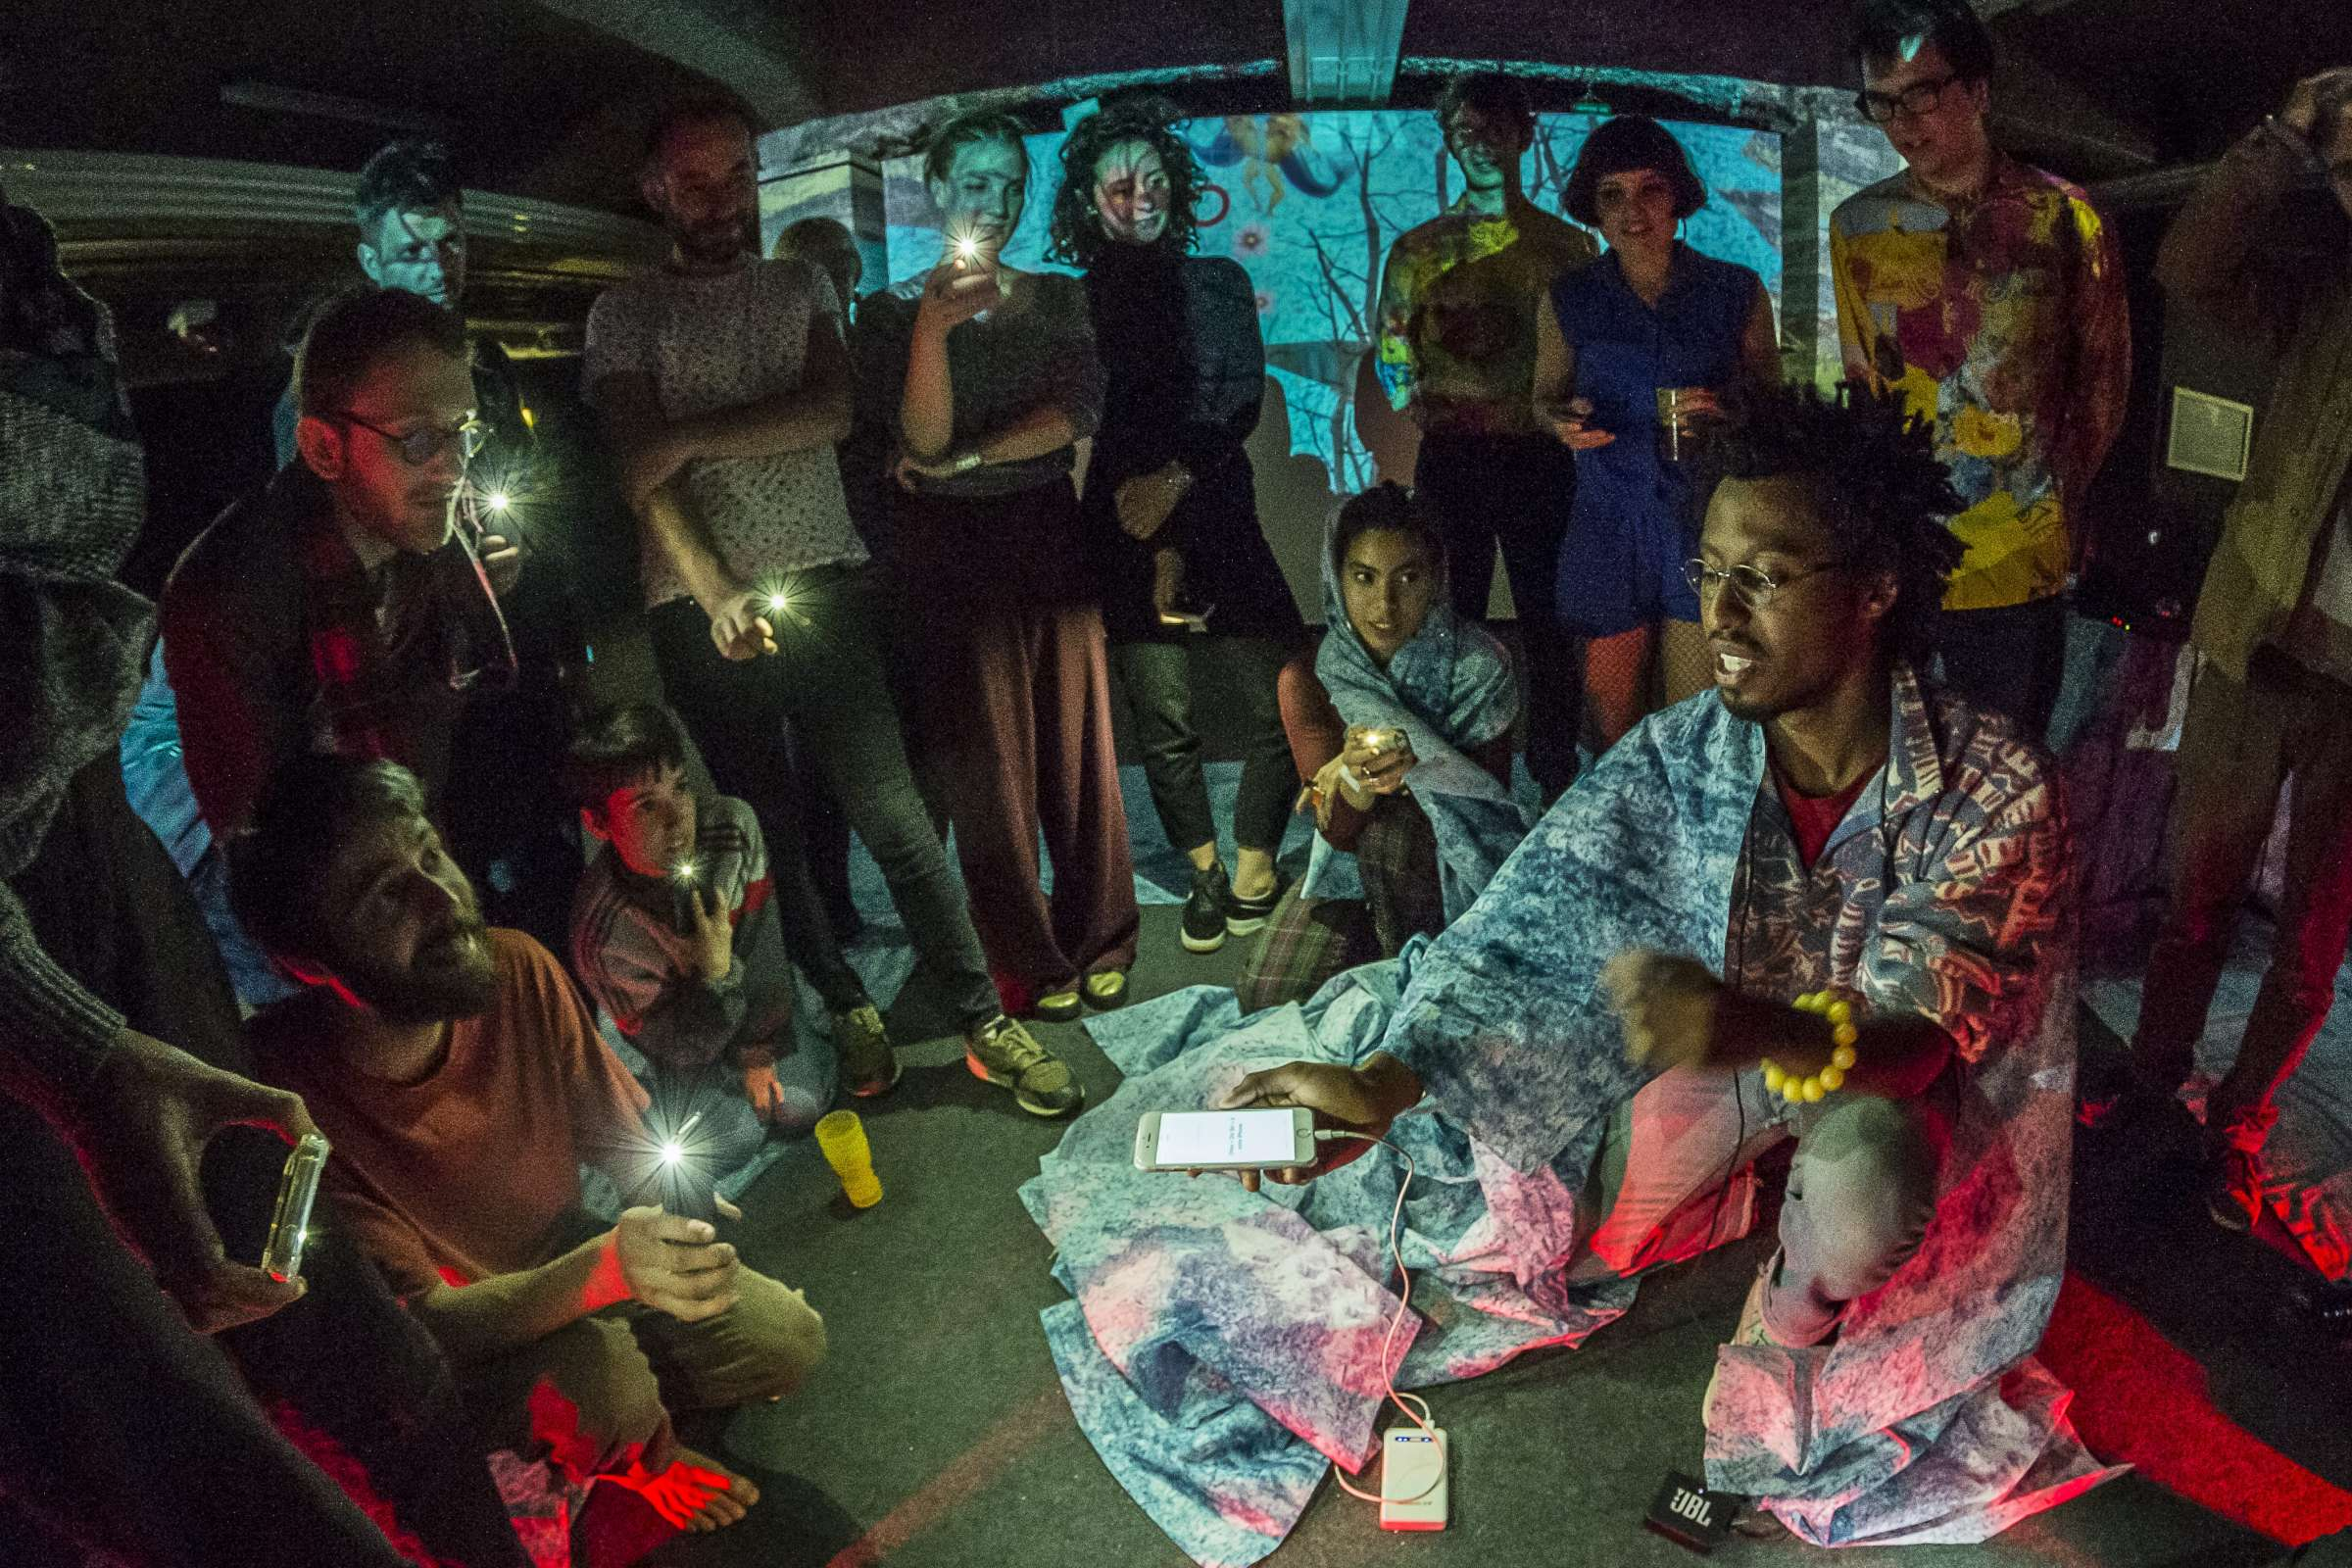 Photographie du Concert Initiatique Numéricosophique, par le Collectif Nani$ôka Groupe lors de l'édition 2019 du festival INACT « L'épaisseur de la transparence »